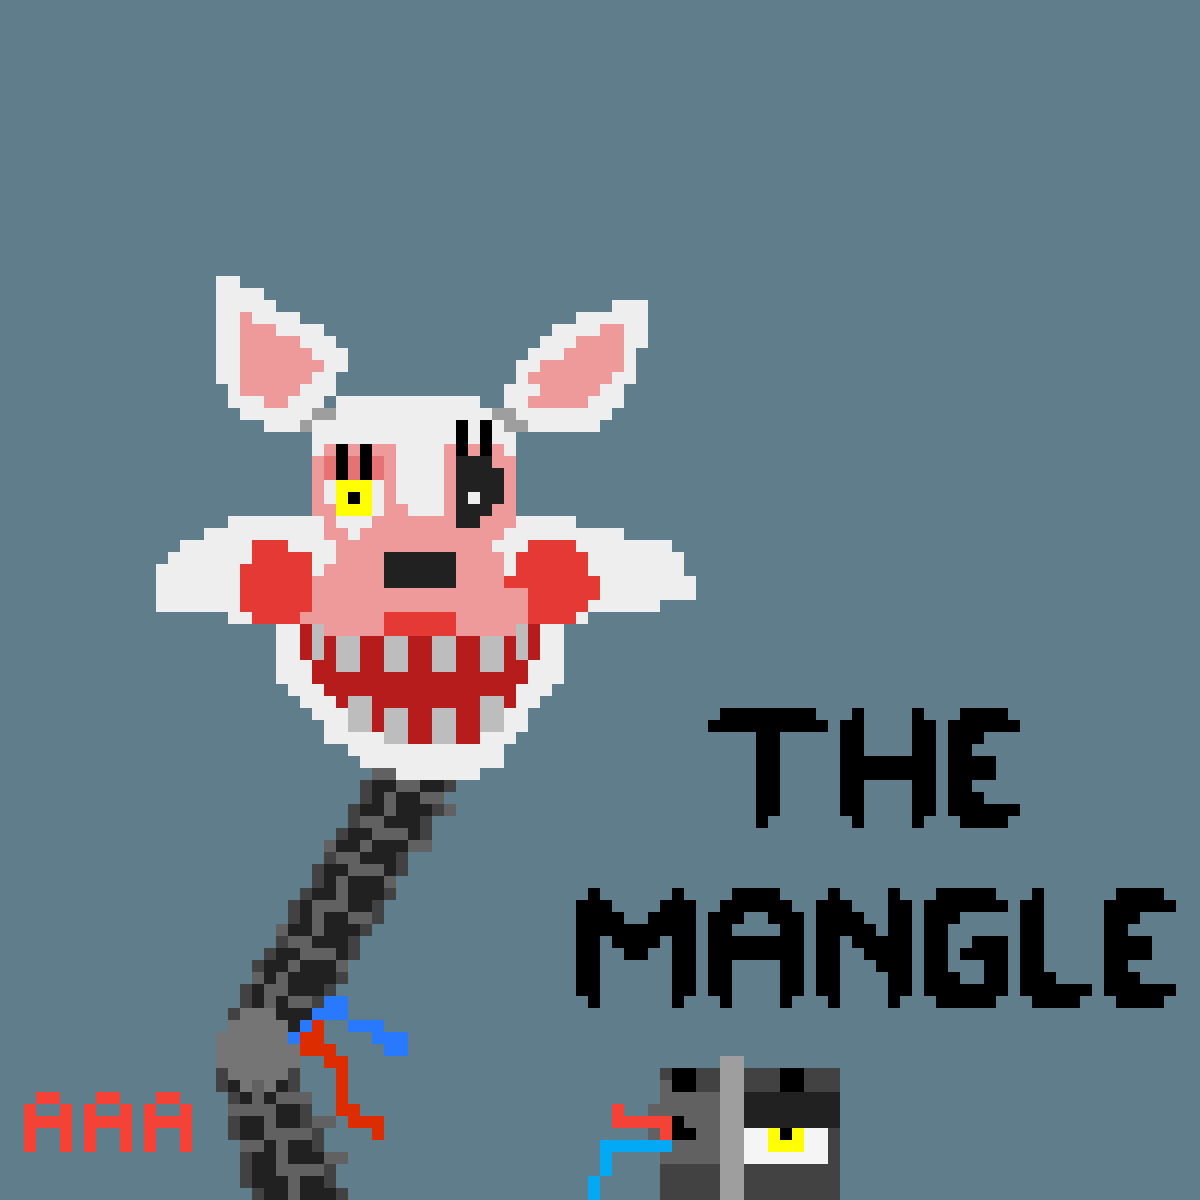 THE Mangle by A-A-Ambulence